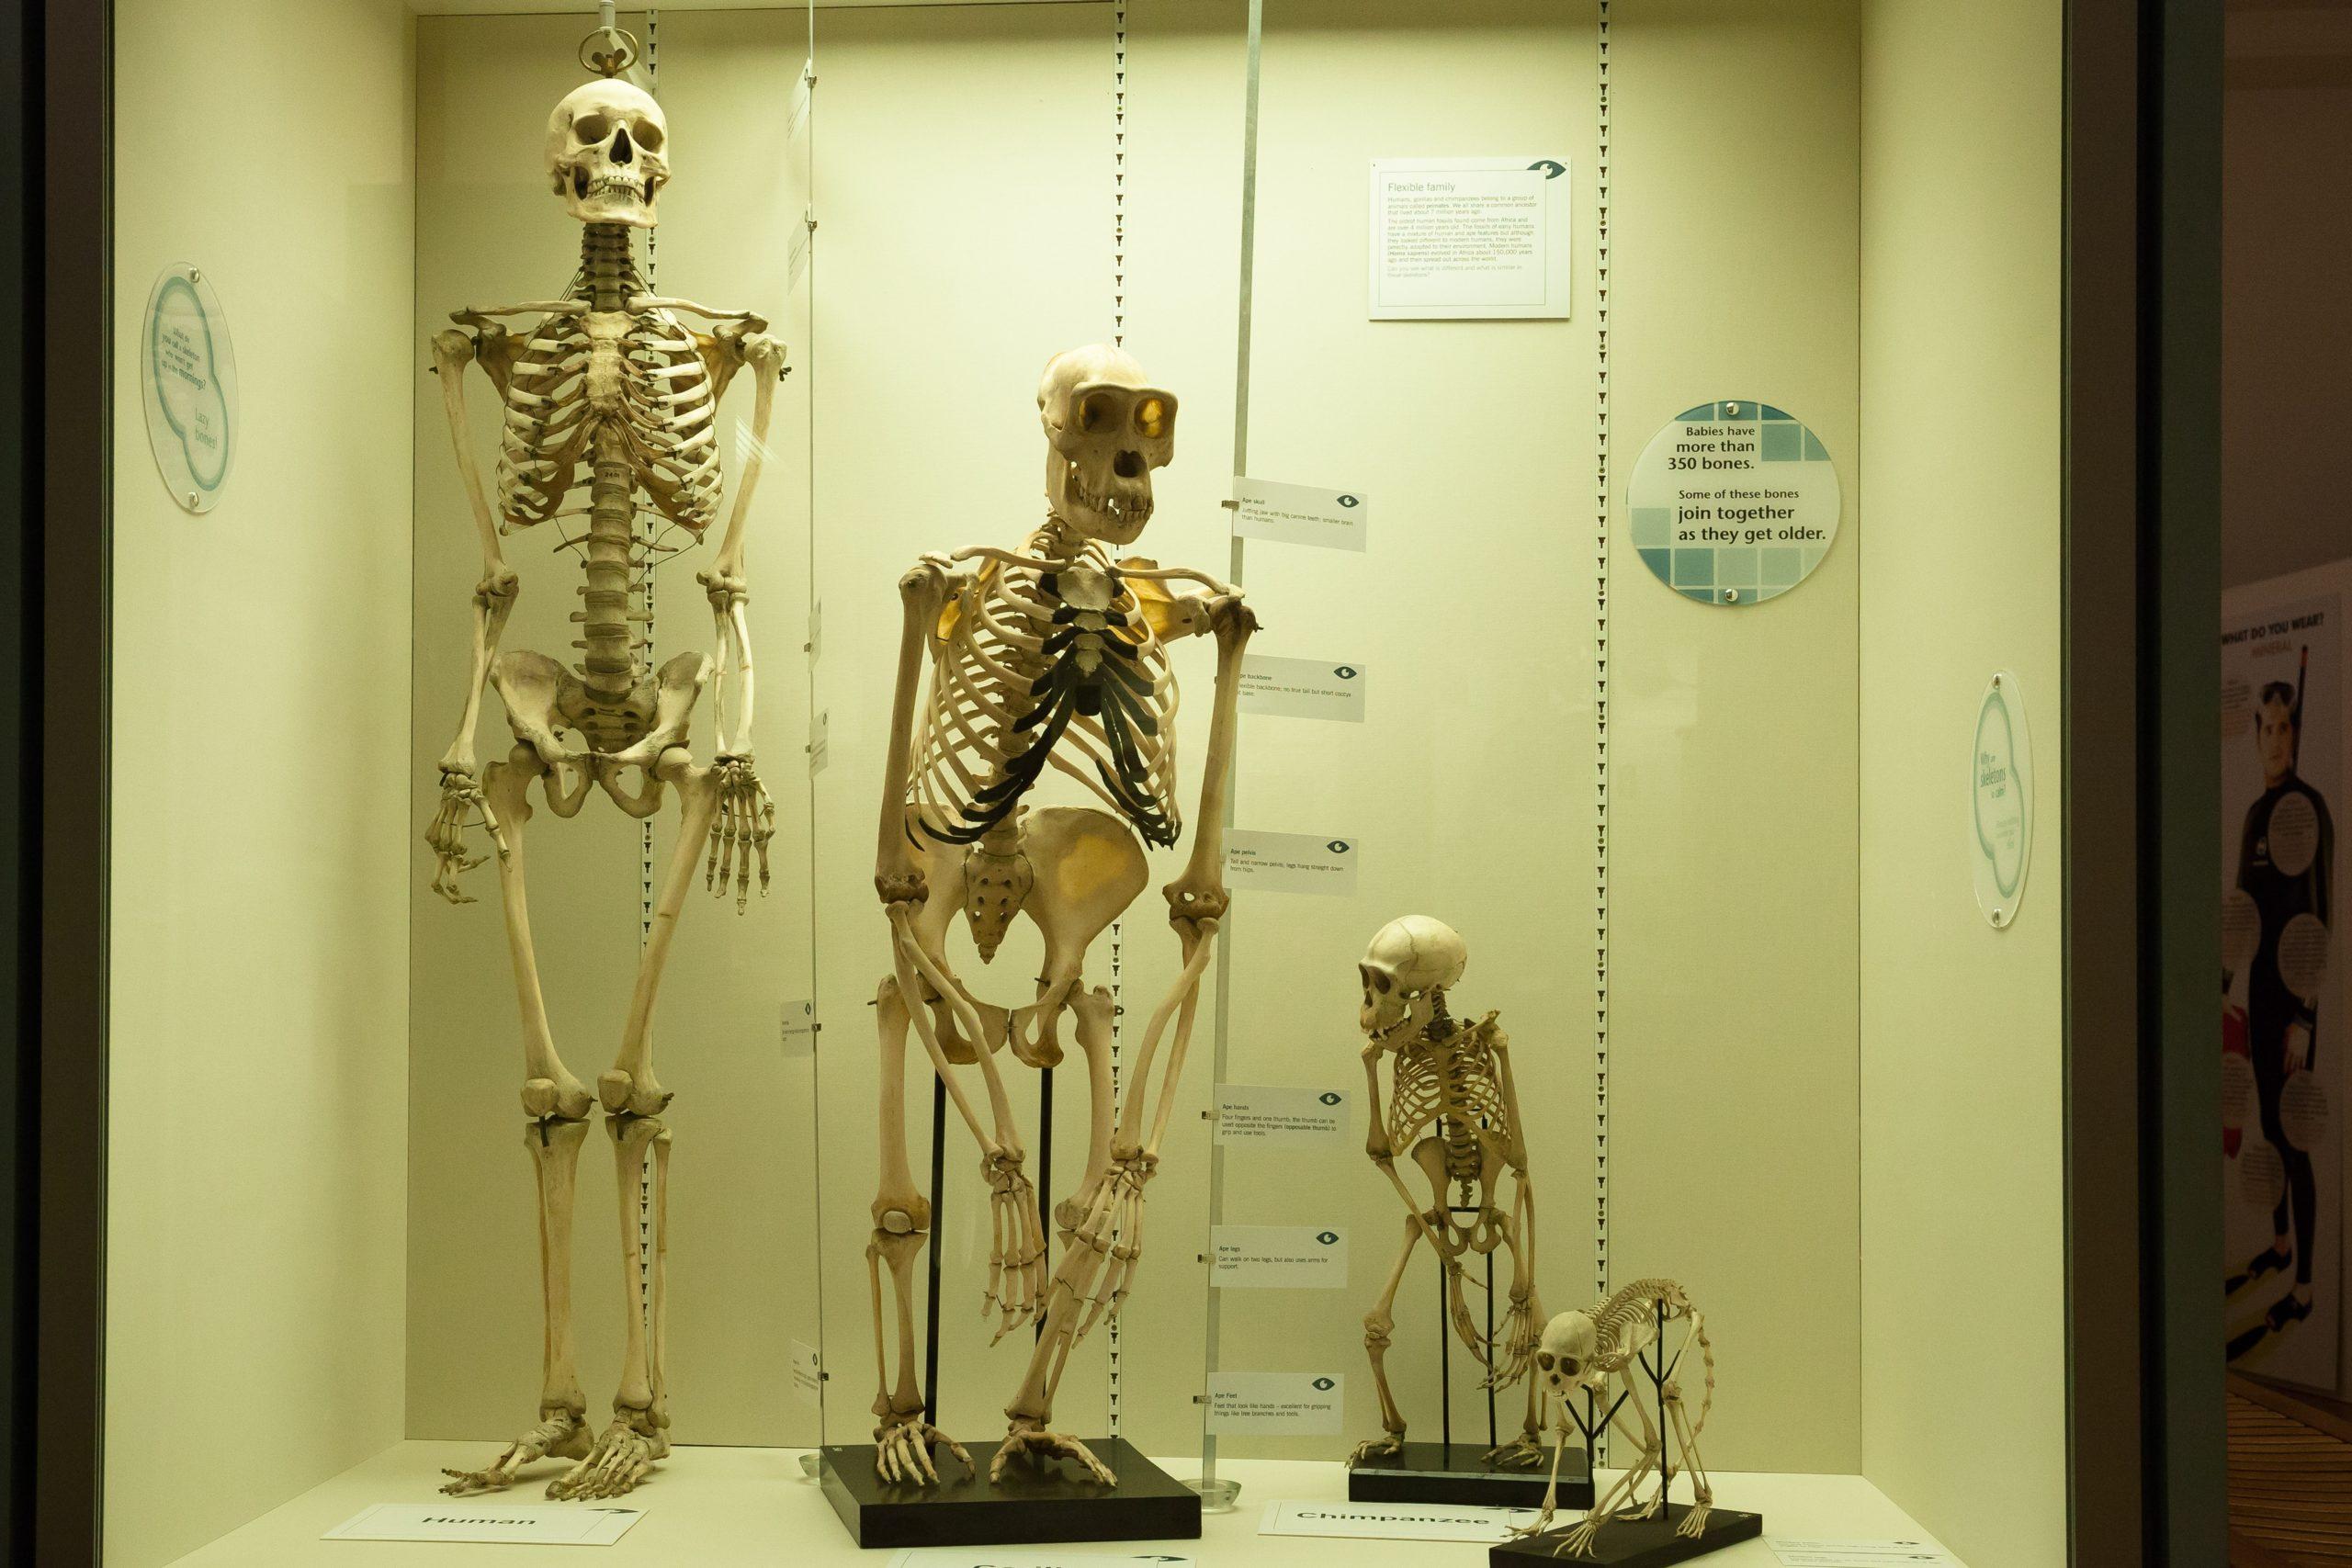 Bióérica genotipos evolución